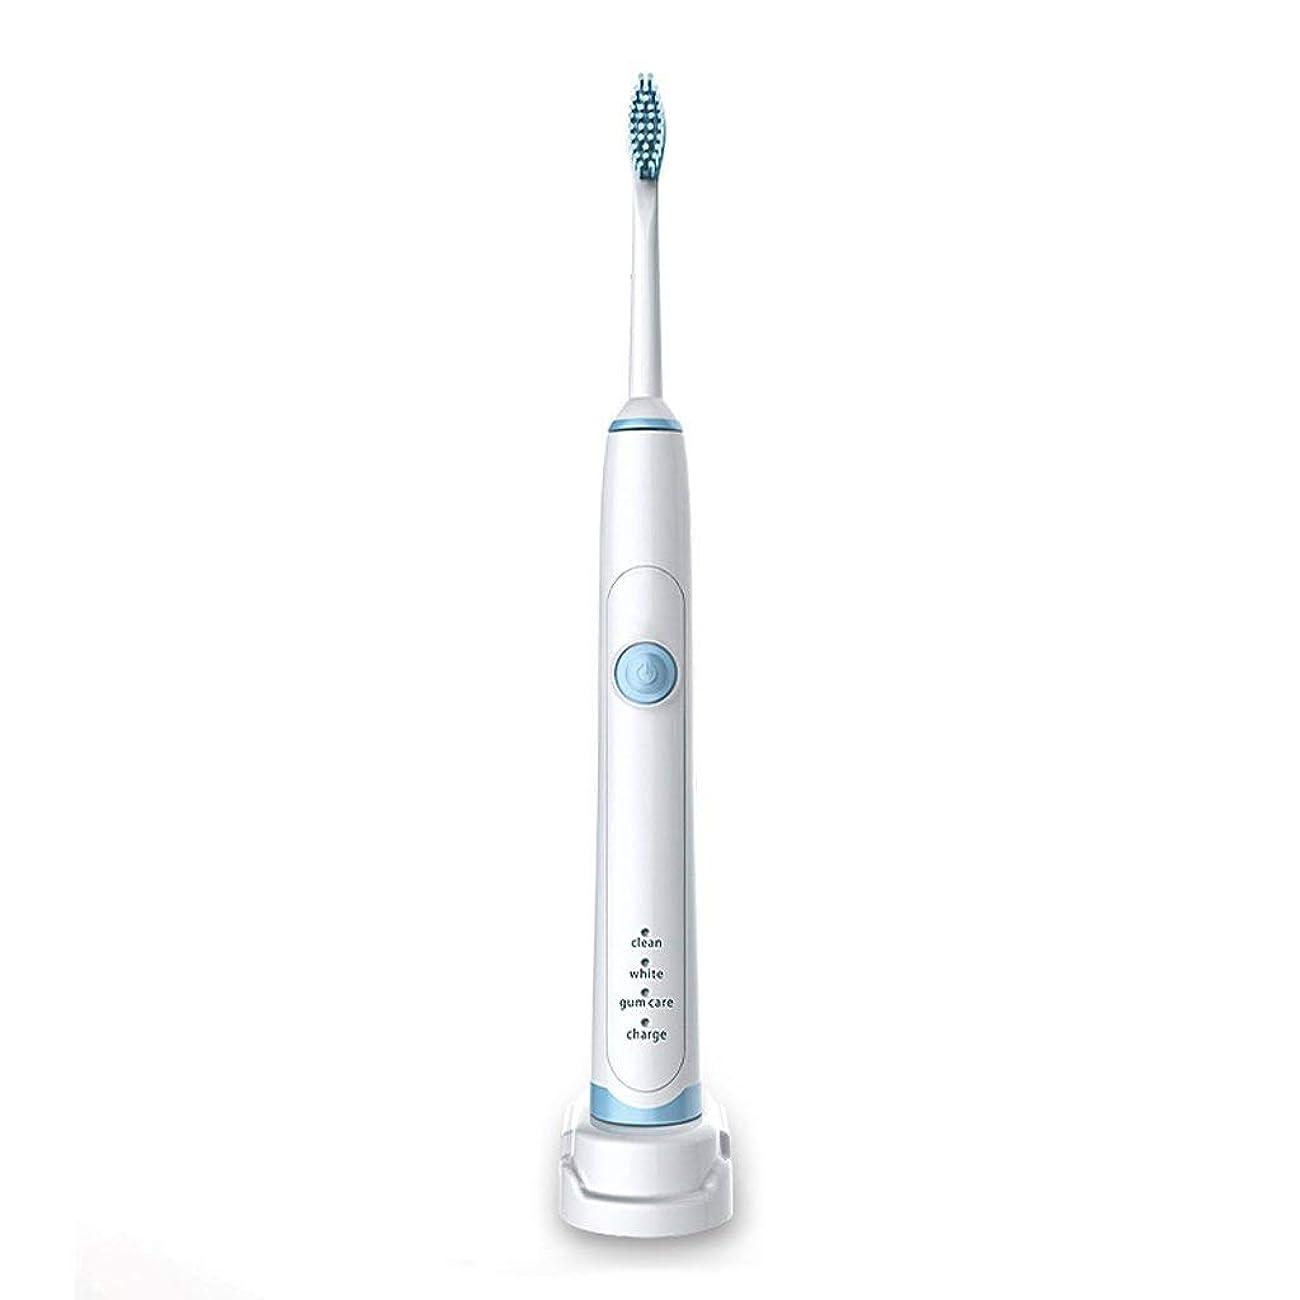 いちゃつく具体的に期待して超音波電動歯ブラシ誘導充電電動歯ブラシ防水完全洗濯可能2分スマートタイマー3ブラッシングモード